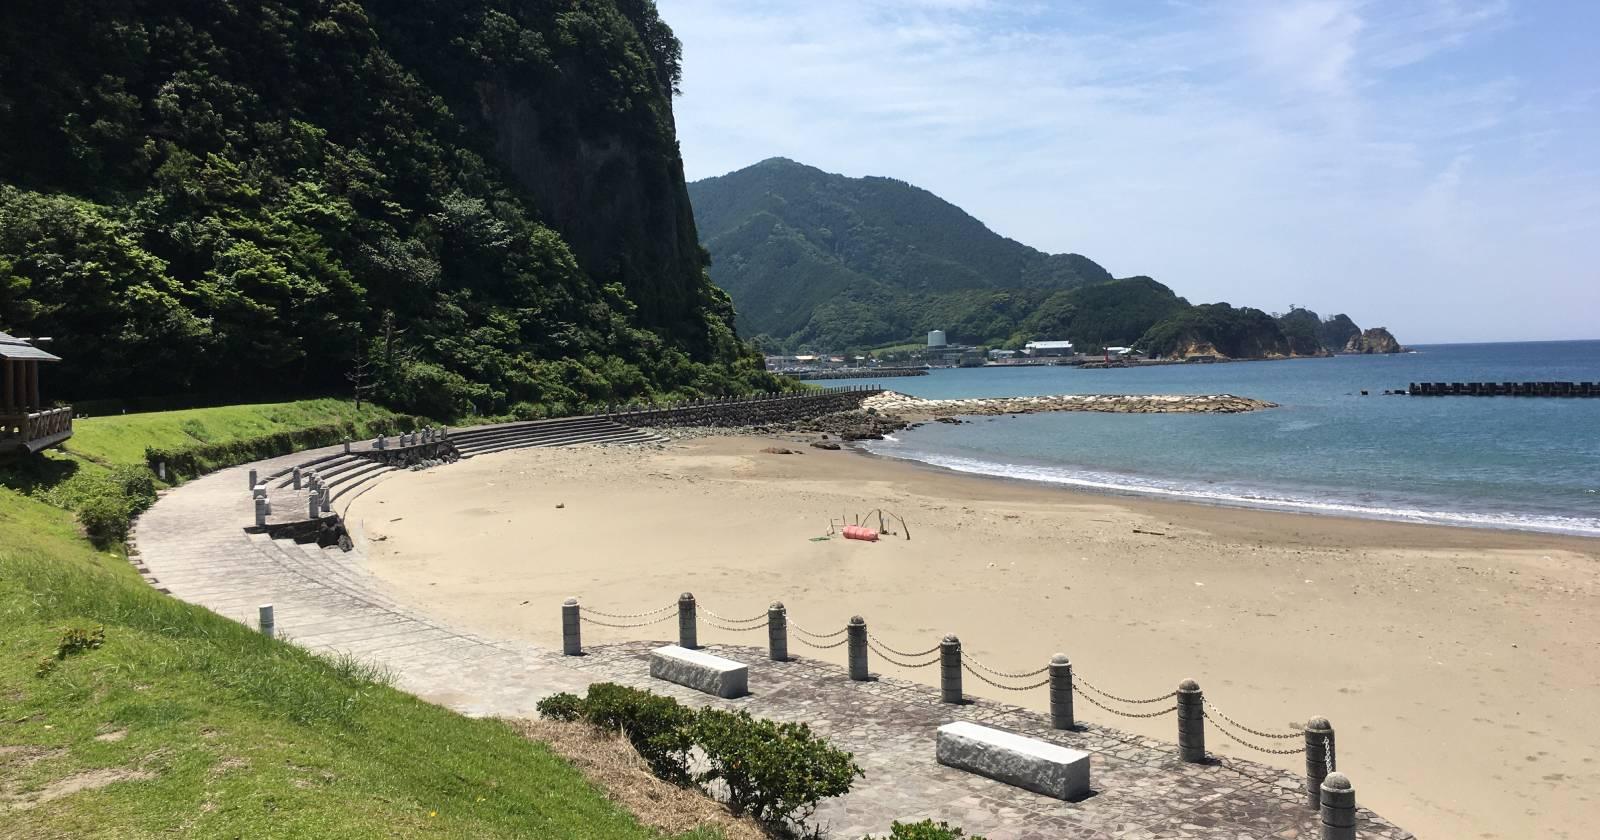 【静岡県】宇久須キャンプ場は海も温泉も近い!西伊豆を欲張りに楽しめる穴場スポット